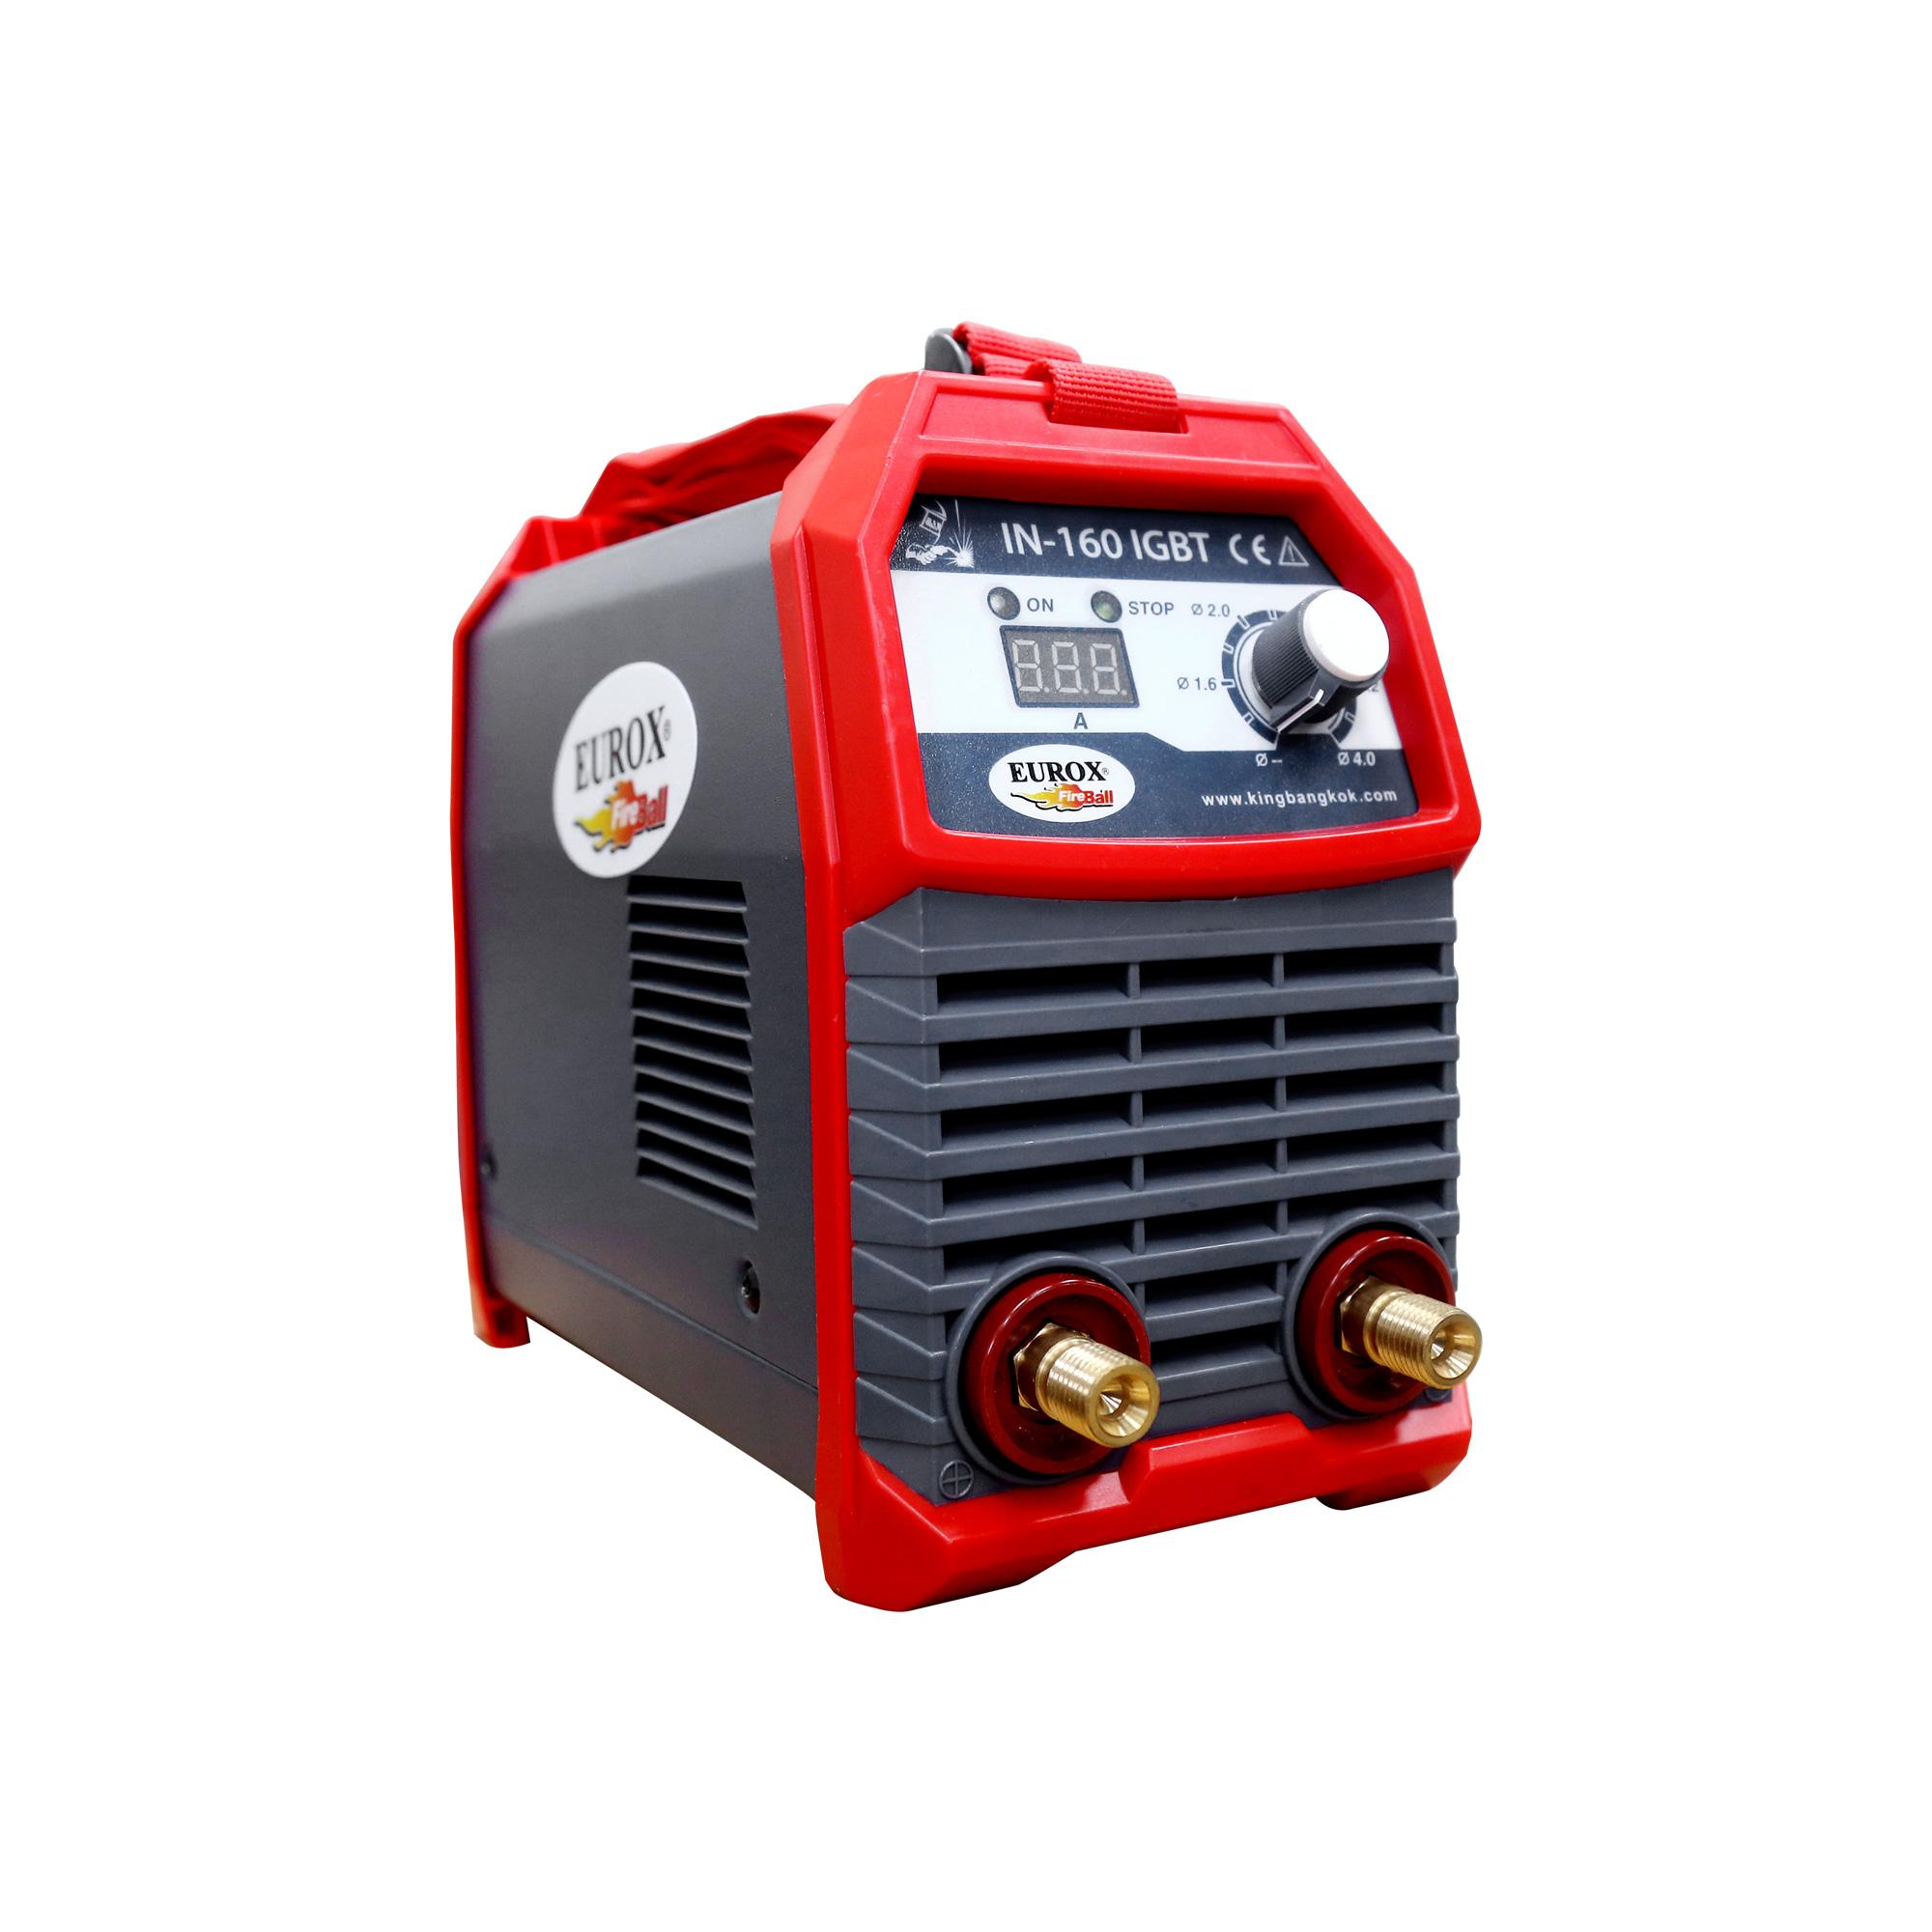 เครื่องเชื่อมระบบ IGBT กระแสไฟ 160A EUROX DIGI IN160